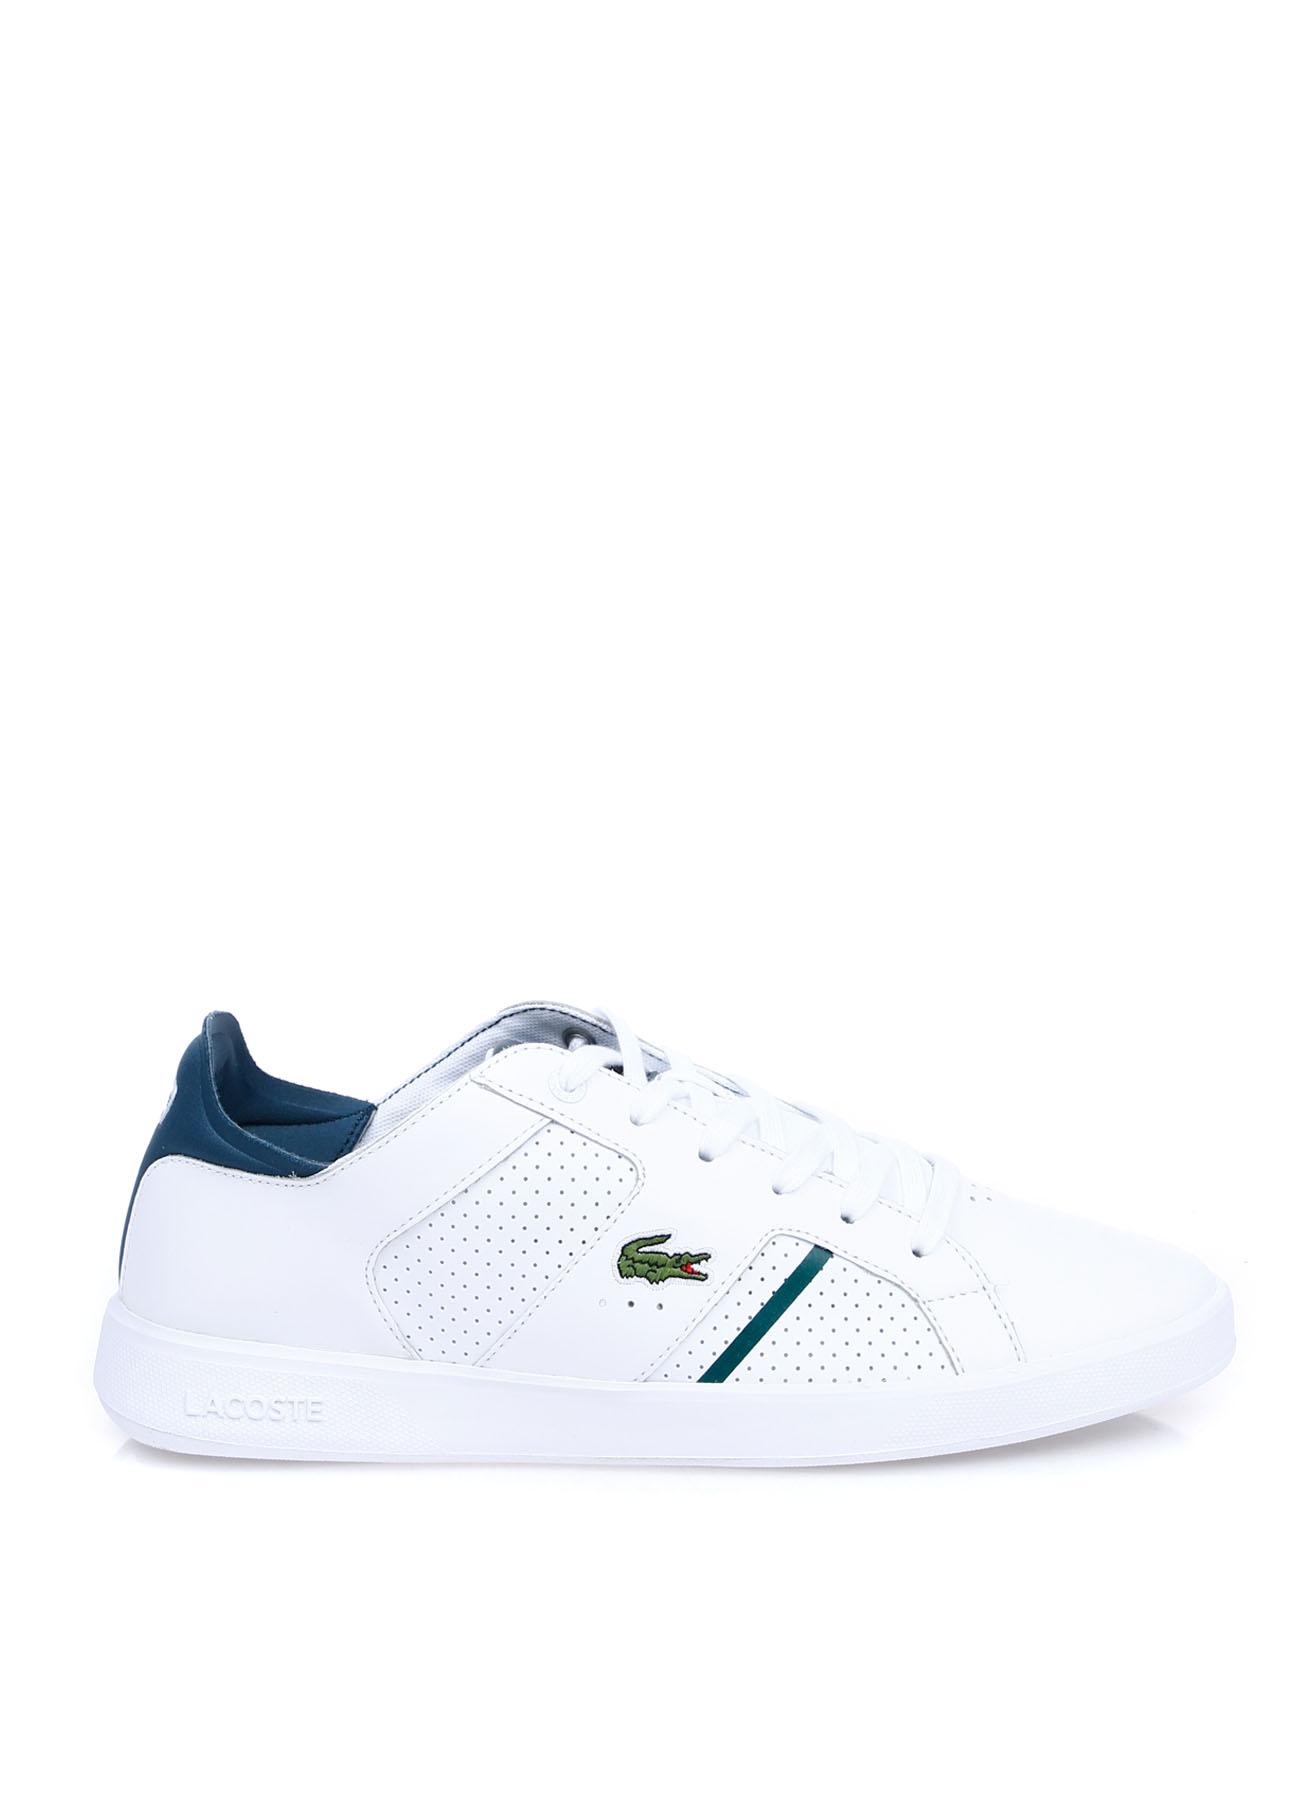 Lacoste Erkek Deri Beyaz Lifestyle Ayakkabı 40 5002314217002 Ürün Resmi